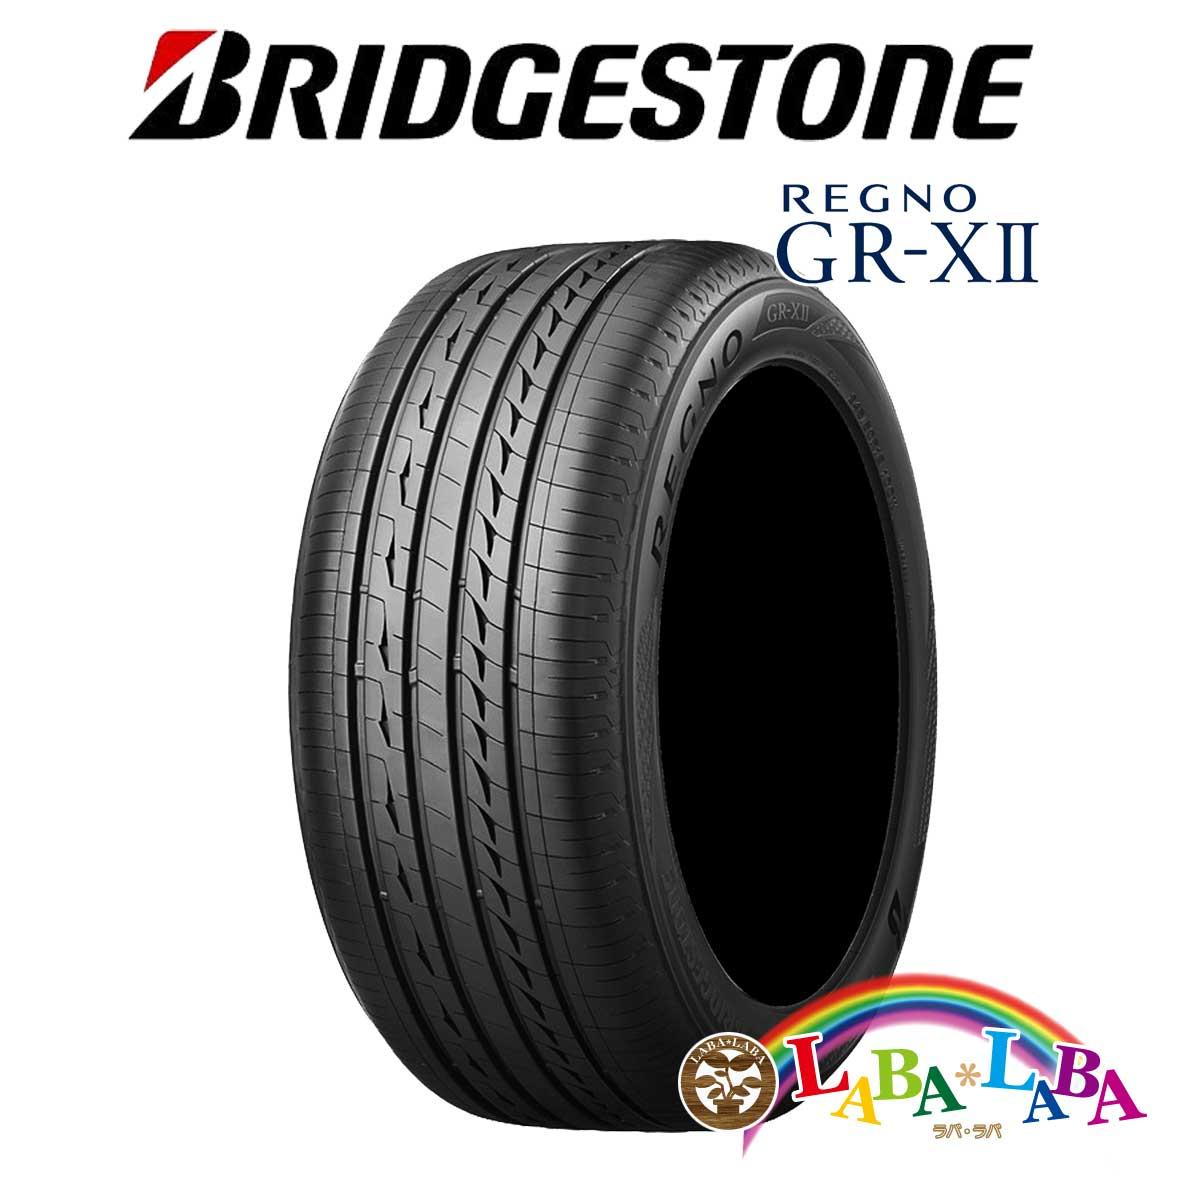 印象のデザイン BRIDGESTONE ブリヂストン REGNO レグノ GR-X2 (GRX2) 235/50R18 101V XL サマータイヤ 4本セット, カナザワシ 5a830293